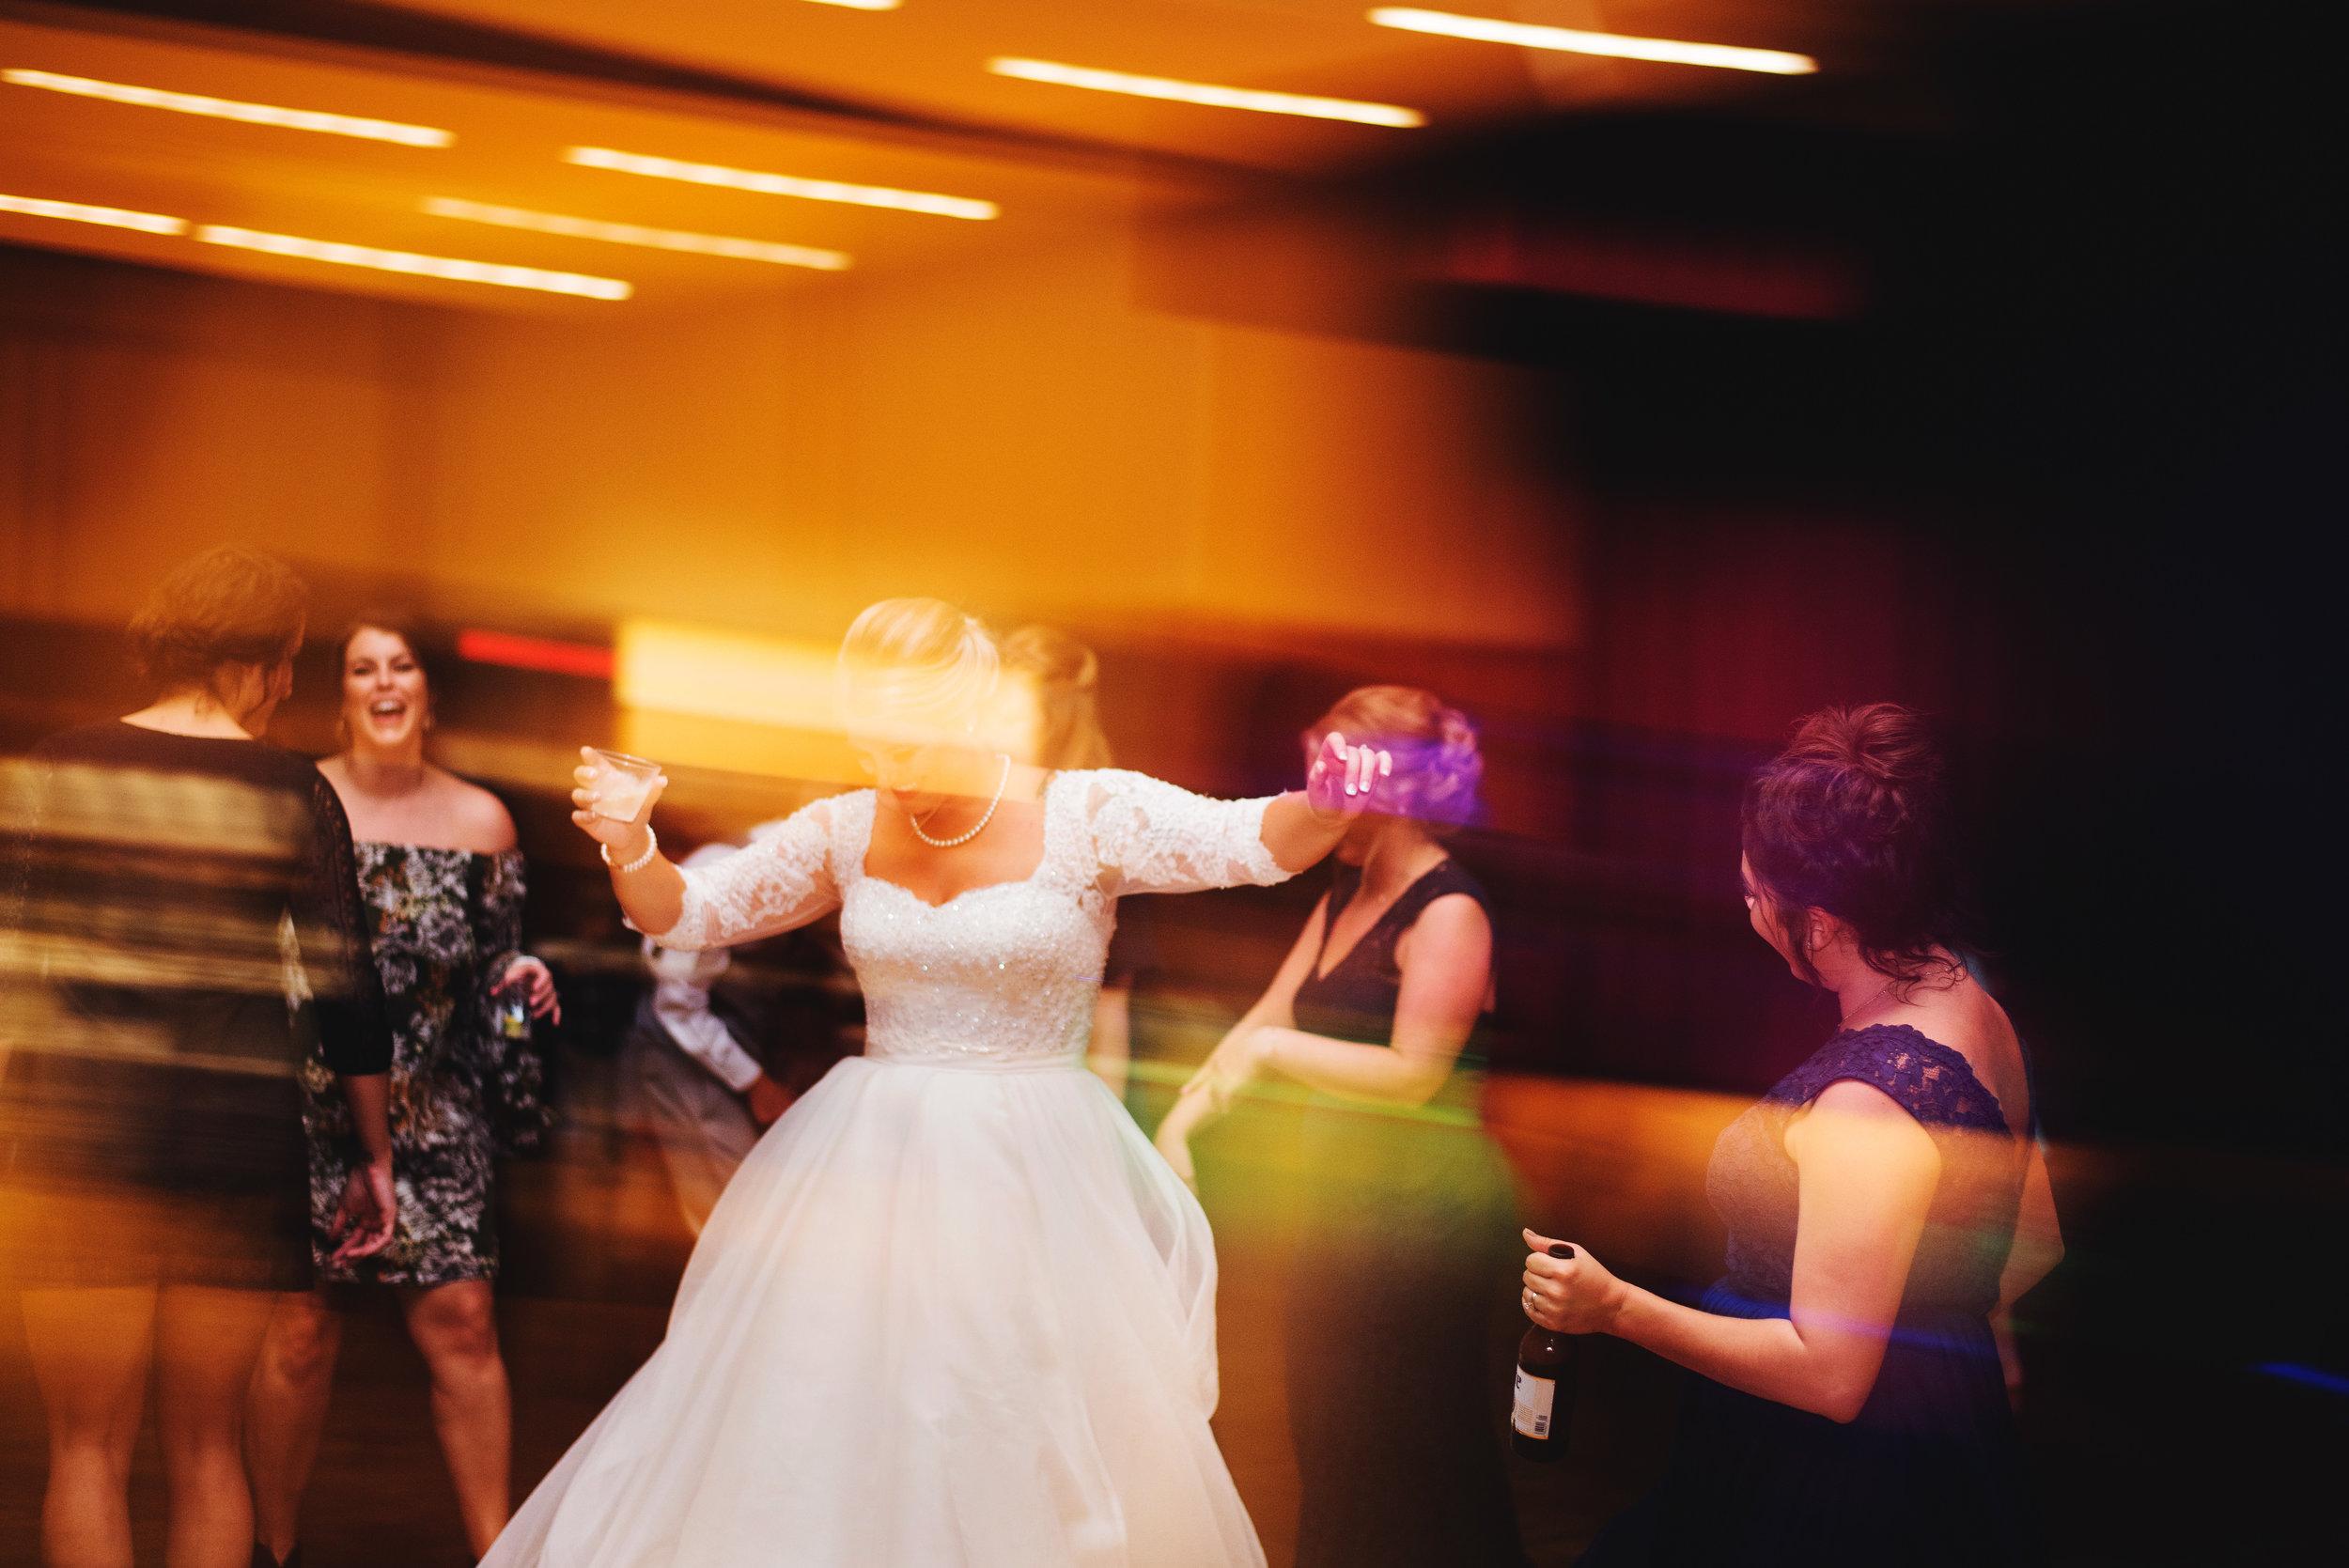 King-Northern-Illinois-University-Wedding158.jpg